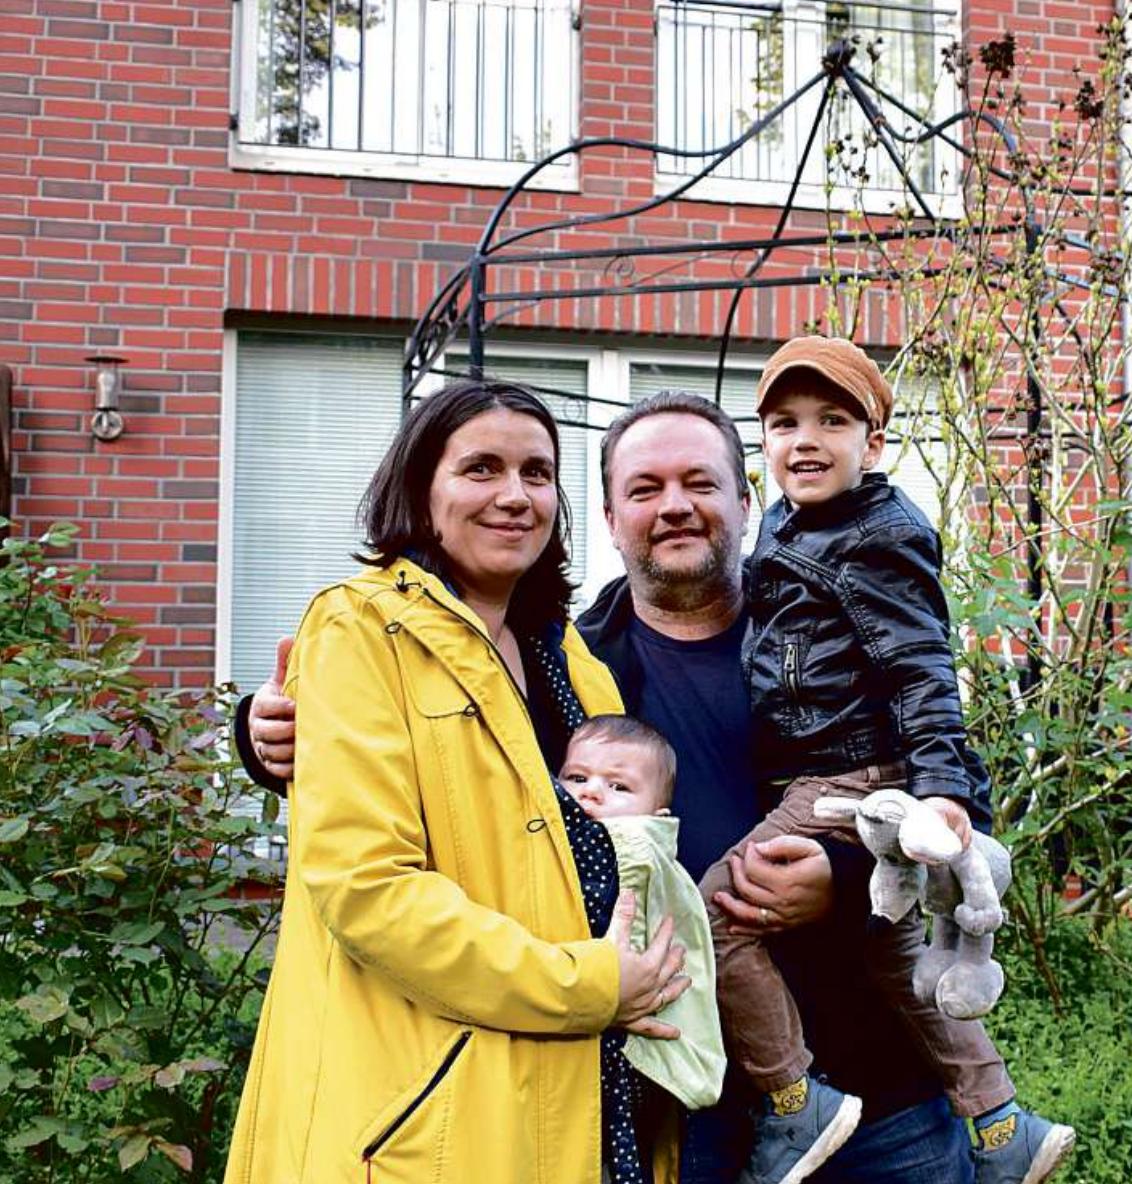 EINE GLÜCKLICHE FAMILIE: Jens und Manuela Tiedemann mit ihren Kindern vor ihrem Endreihenhaus. Foto: Torsten Borchers